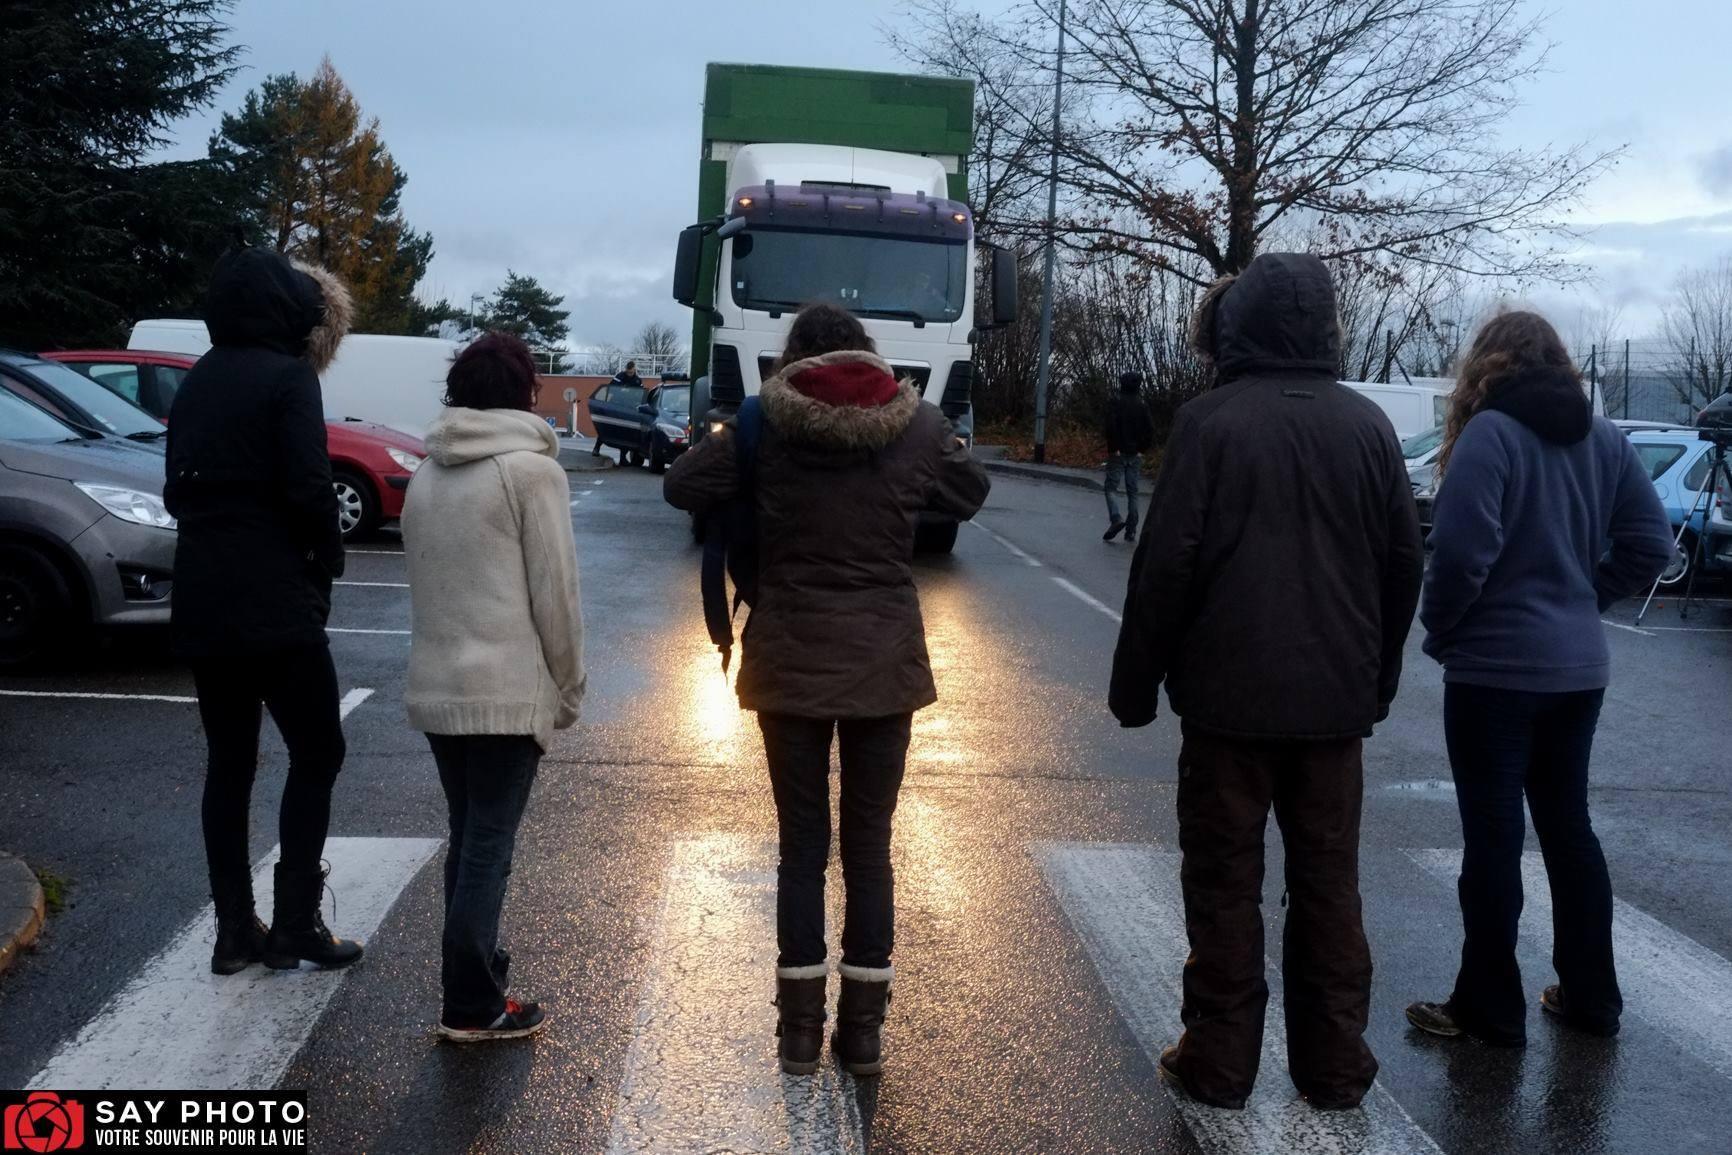 Les vaches maltraitées de Saint-Vit. Blocage des camions devant l'abattoir | Photo SayPhoto